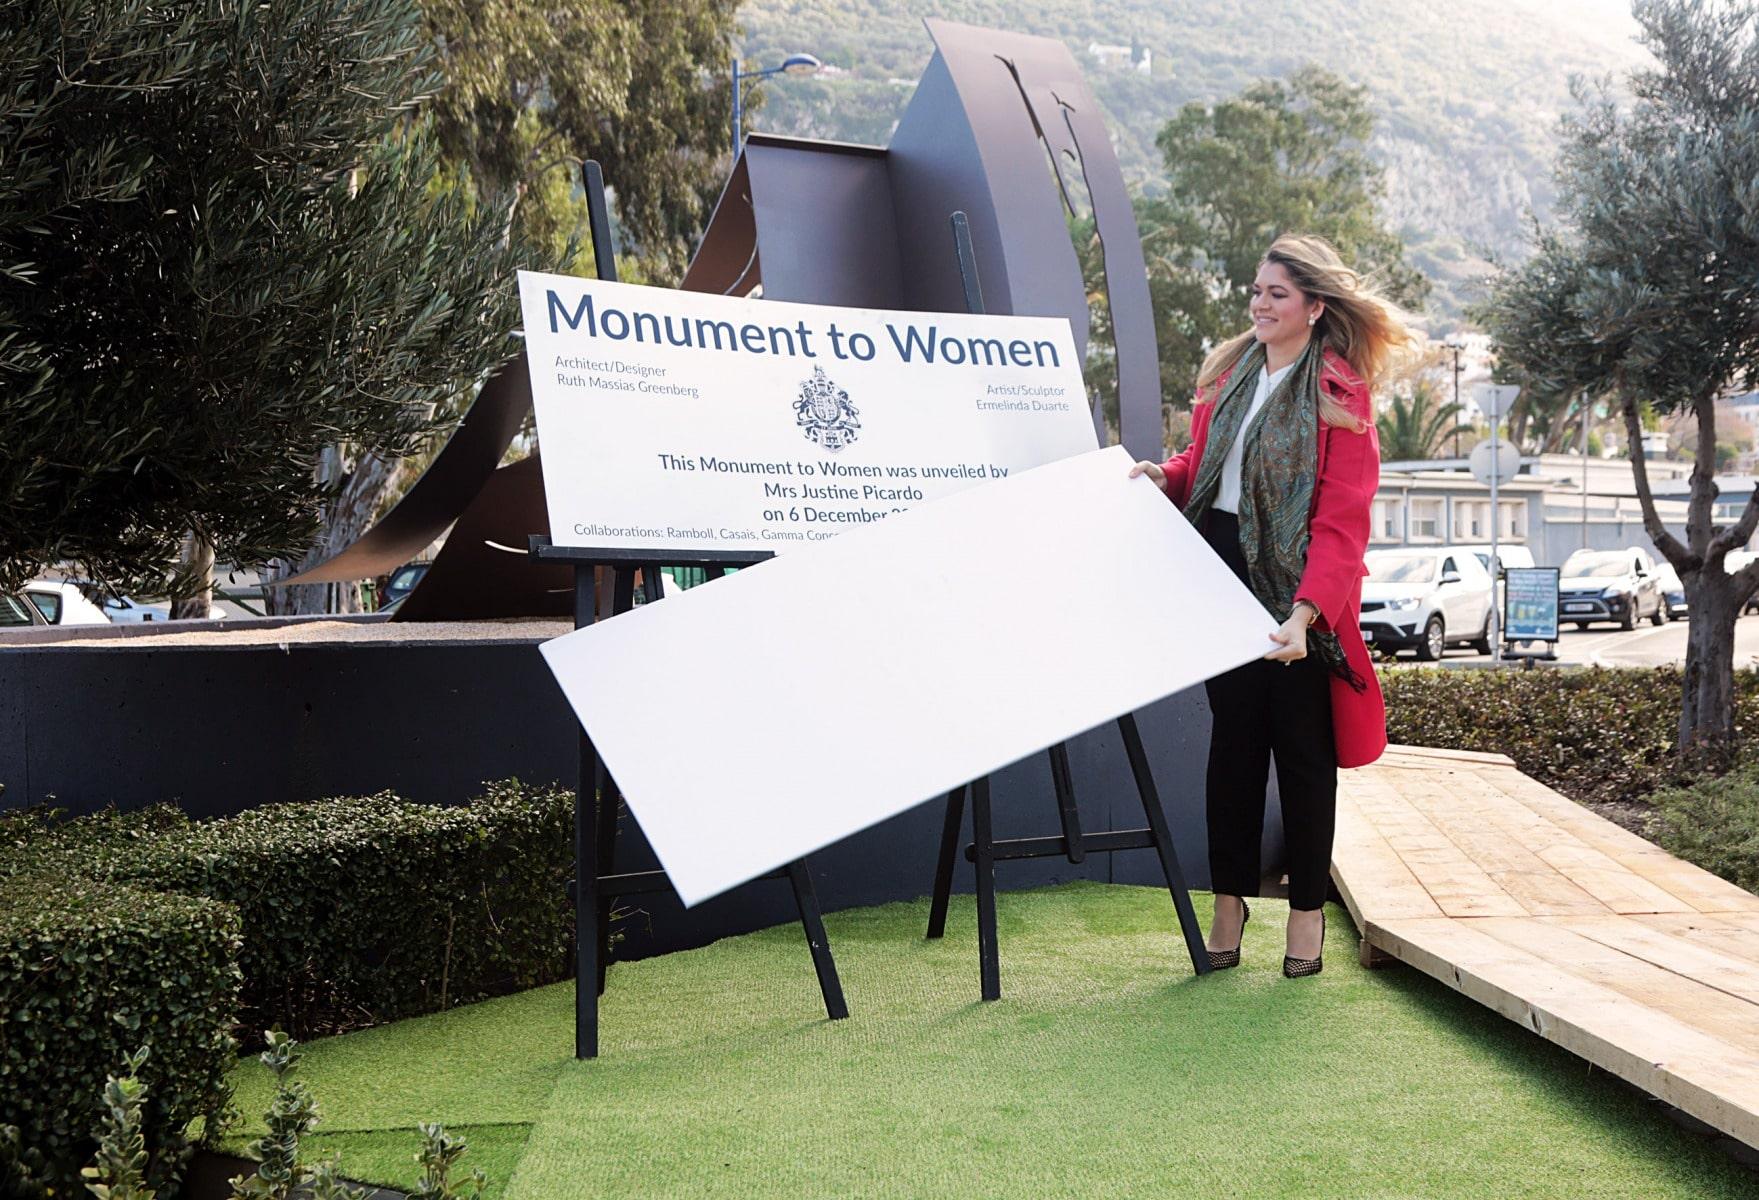 inauguracin-del-monumento-a-la-mujer-en-gibraltar_31427347636_o